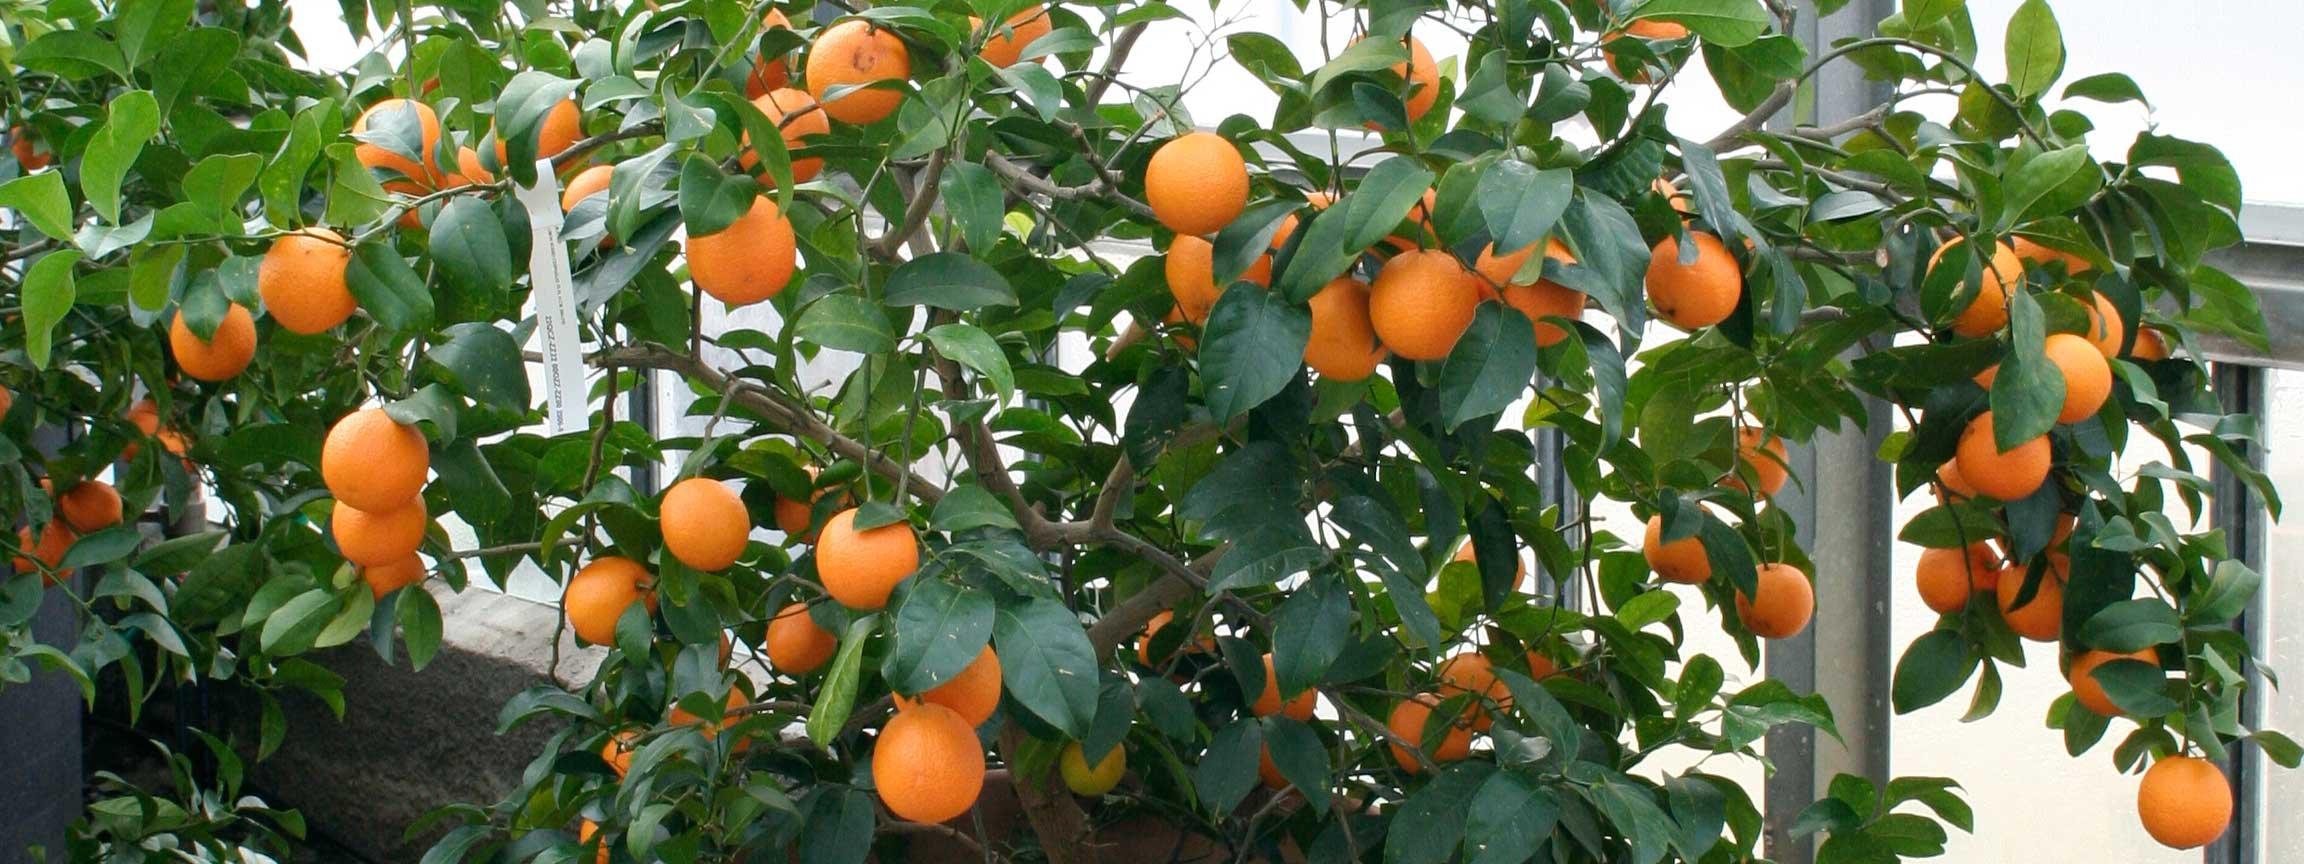 Saper comprare gli agrumi i migliori vivai cose di casa for Calendario concimazione agrumi